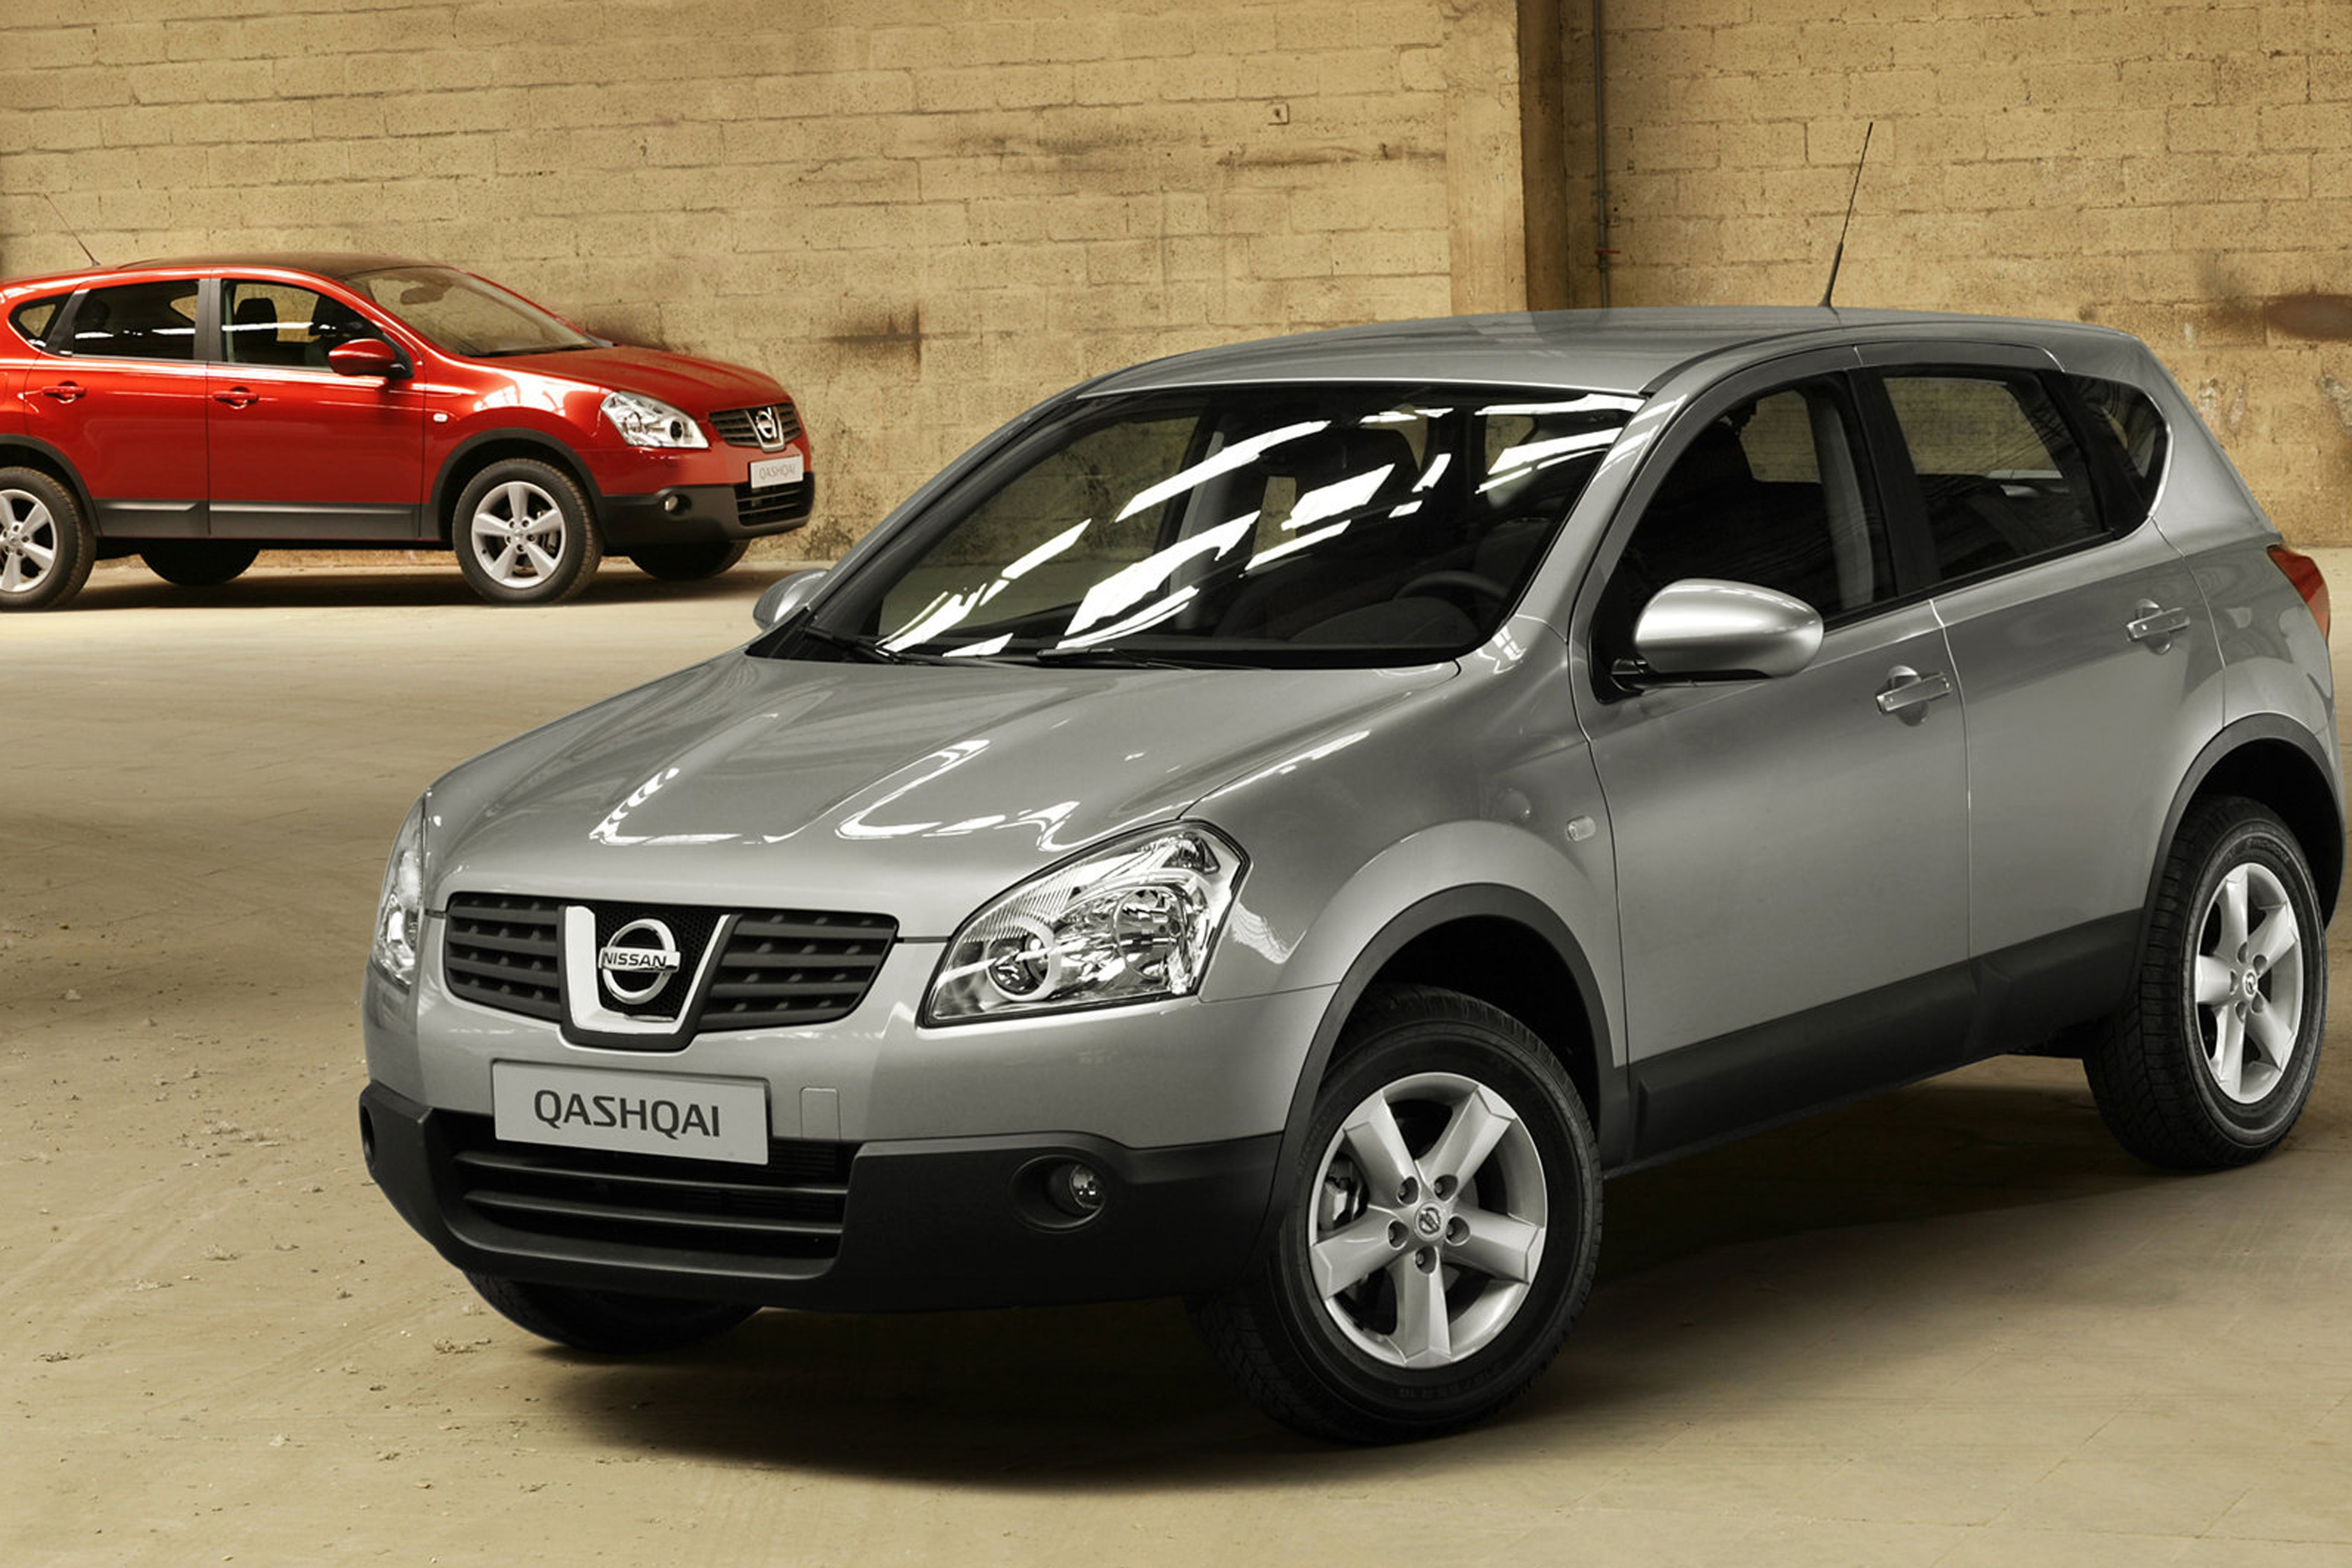 Nissan-Qashqai-2007-press-photo